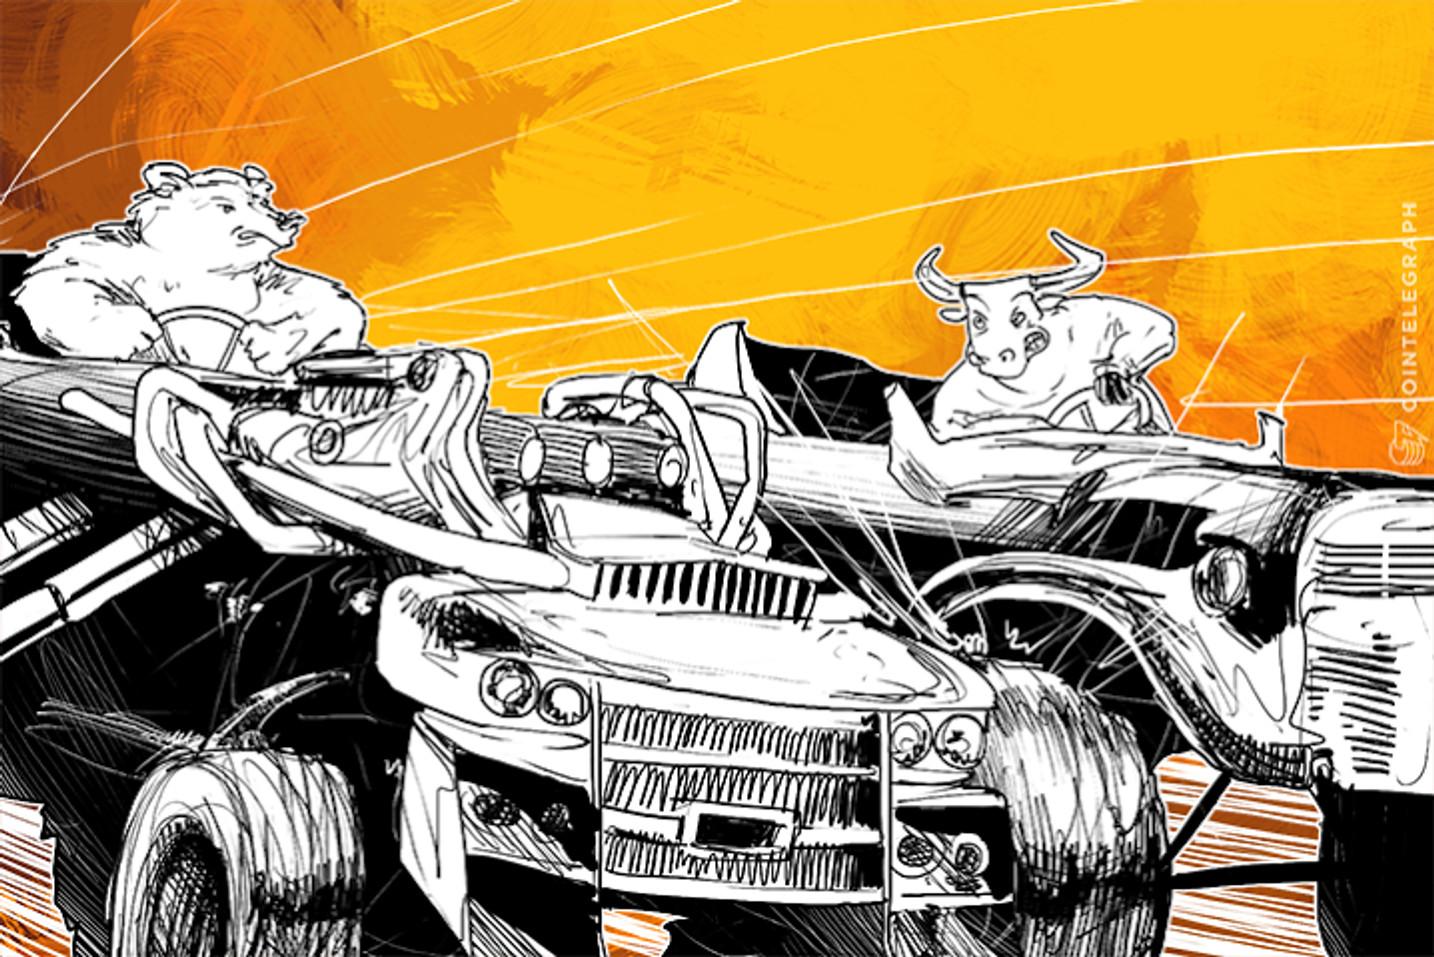 Bitcoin Price Analysis: Bulls Eyeing $300 (Week of July 27)